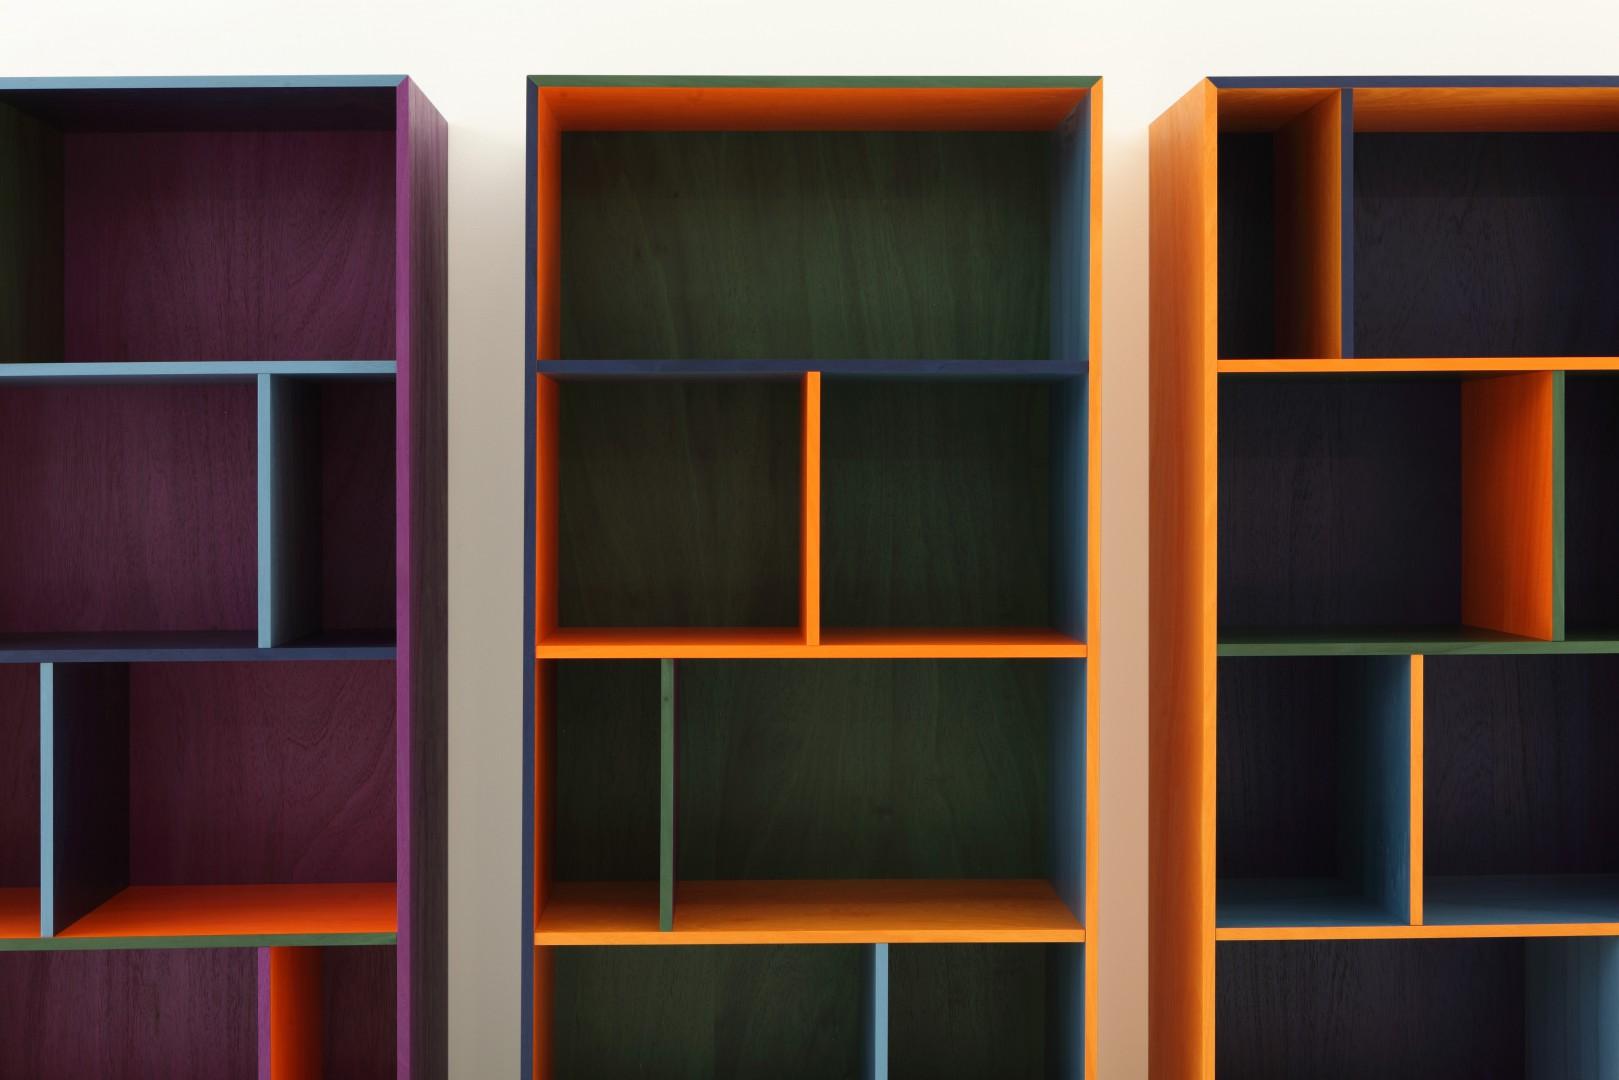 Biblioteka RGB wchodząca w skład systemu Modern włoskiej marki Porro. Fot. Porro